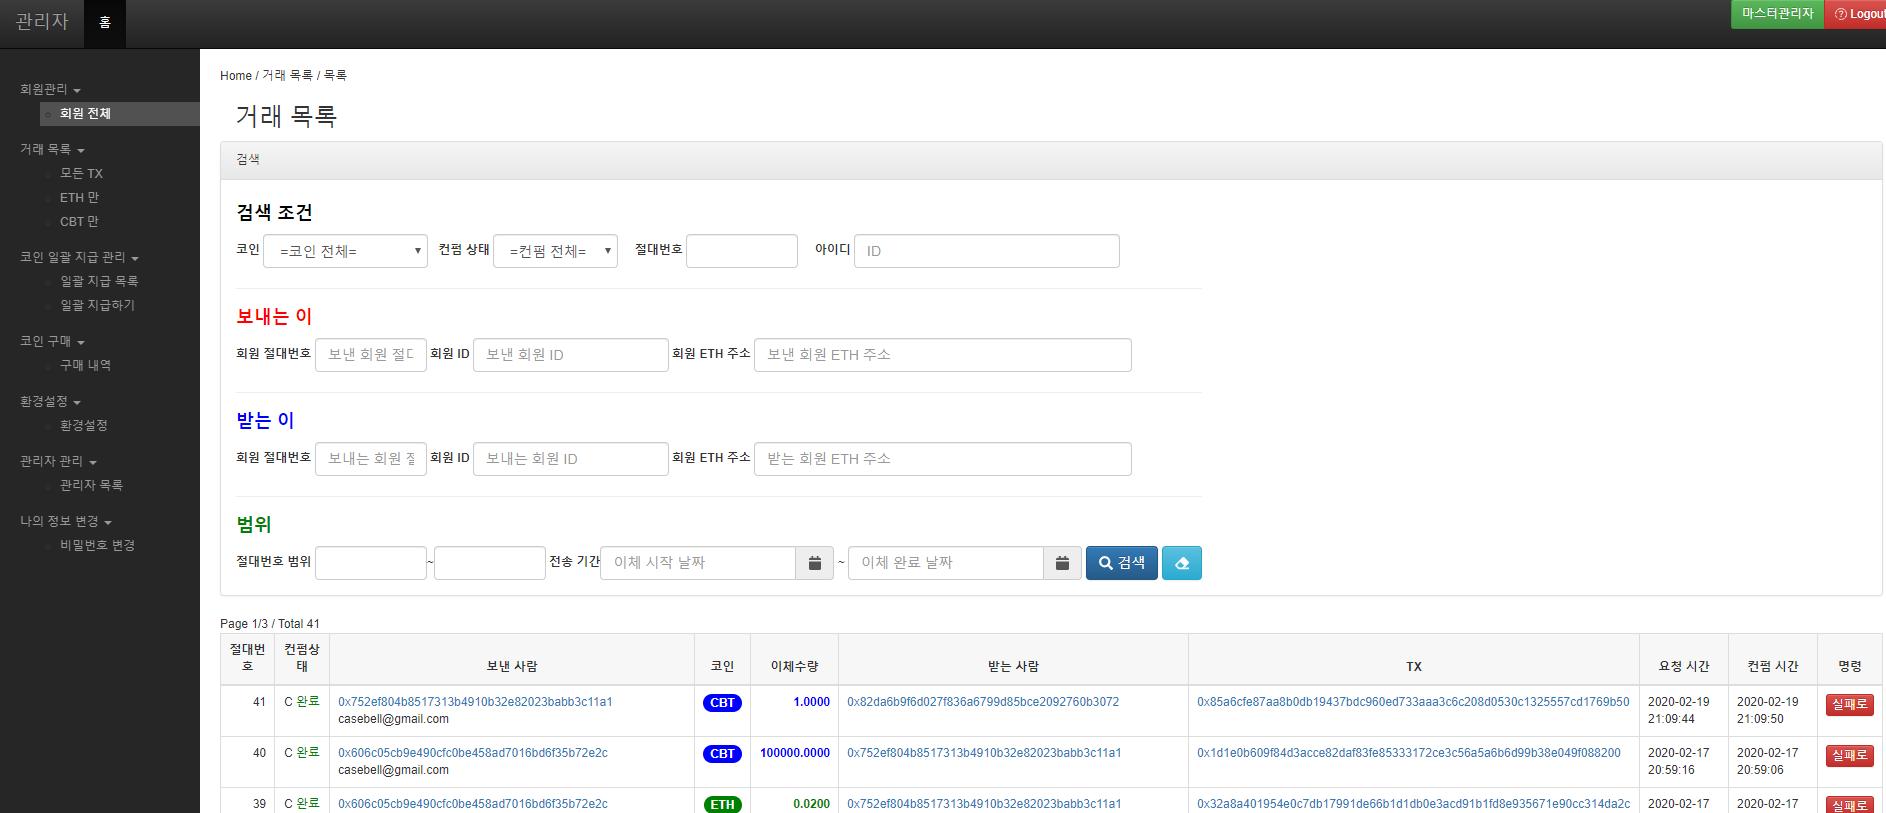 통합 웹 지갑 관리자 화면 - 거래 목록